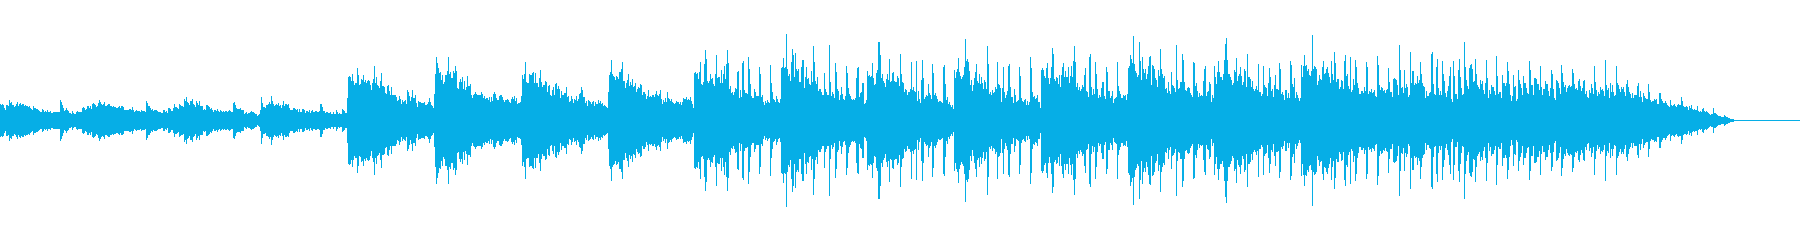 冷たい空気感のアンビエントの再生済みの波形